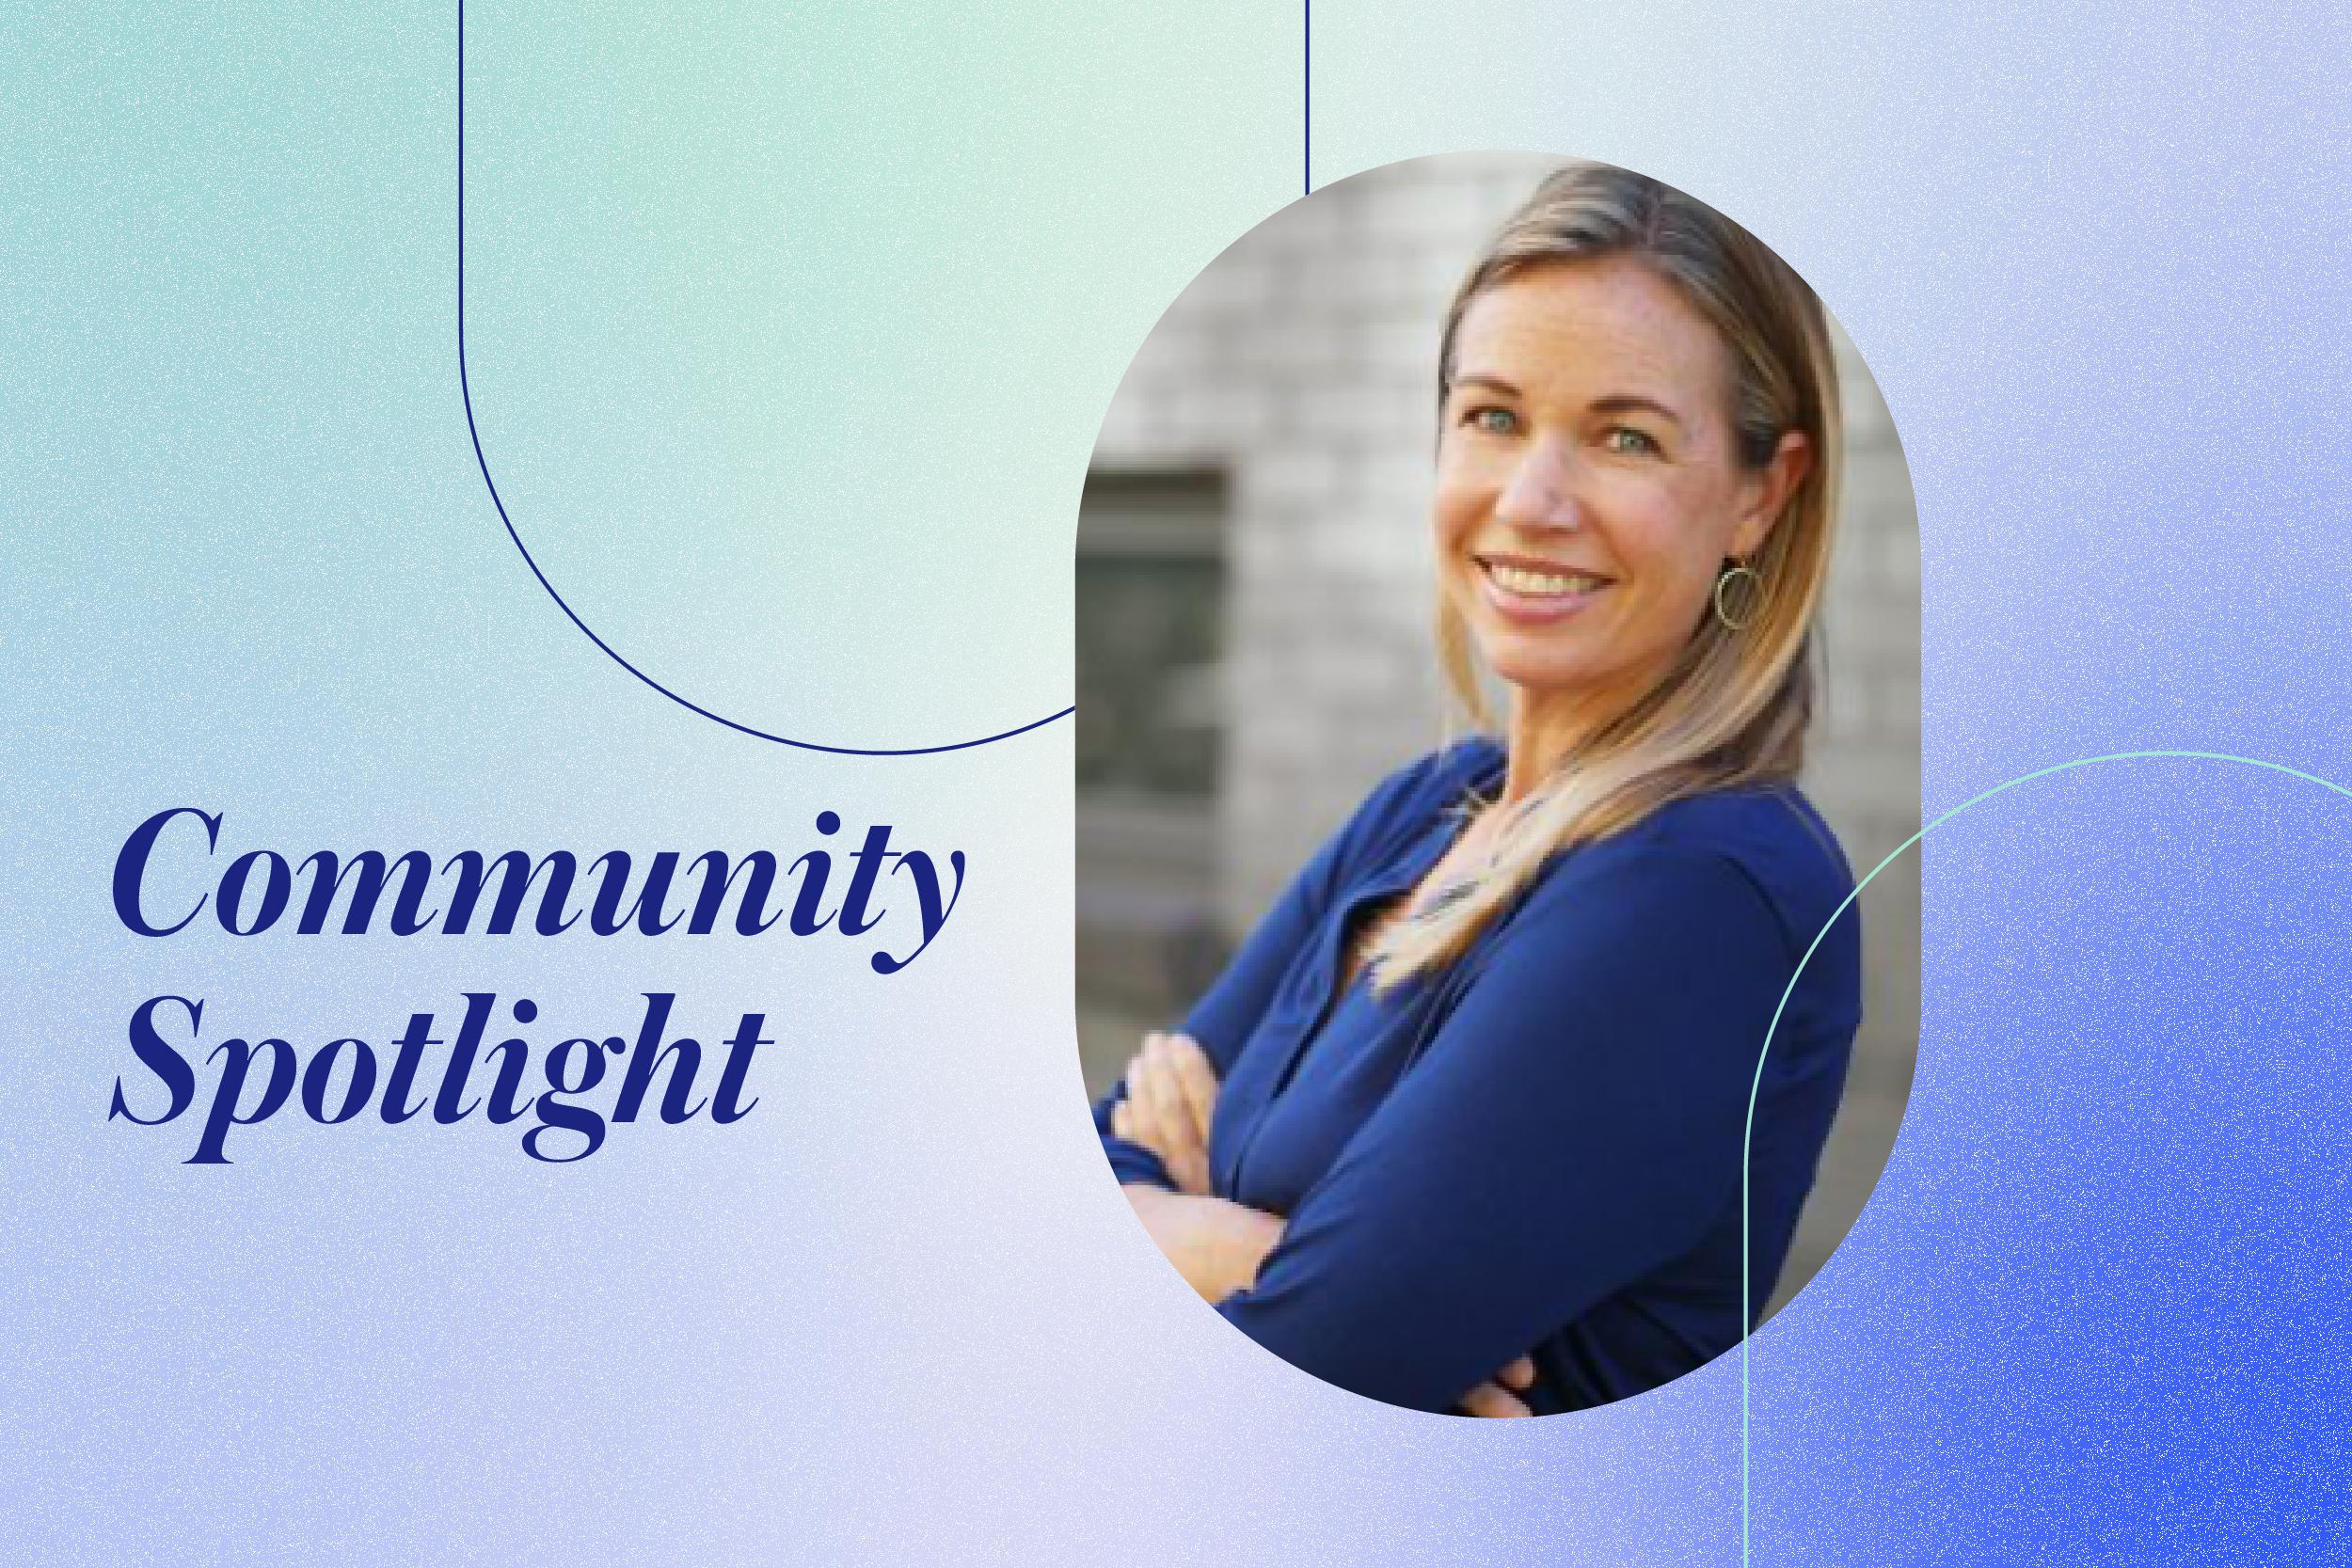 Community Spotlight: Tara Skredynski